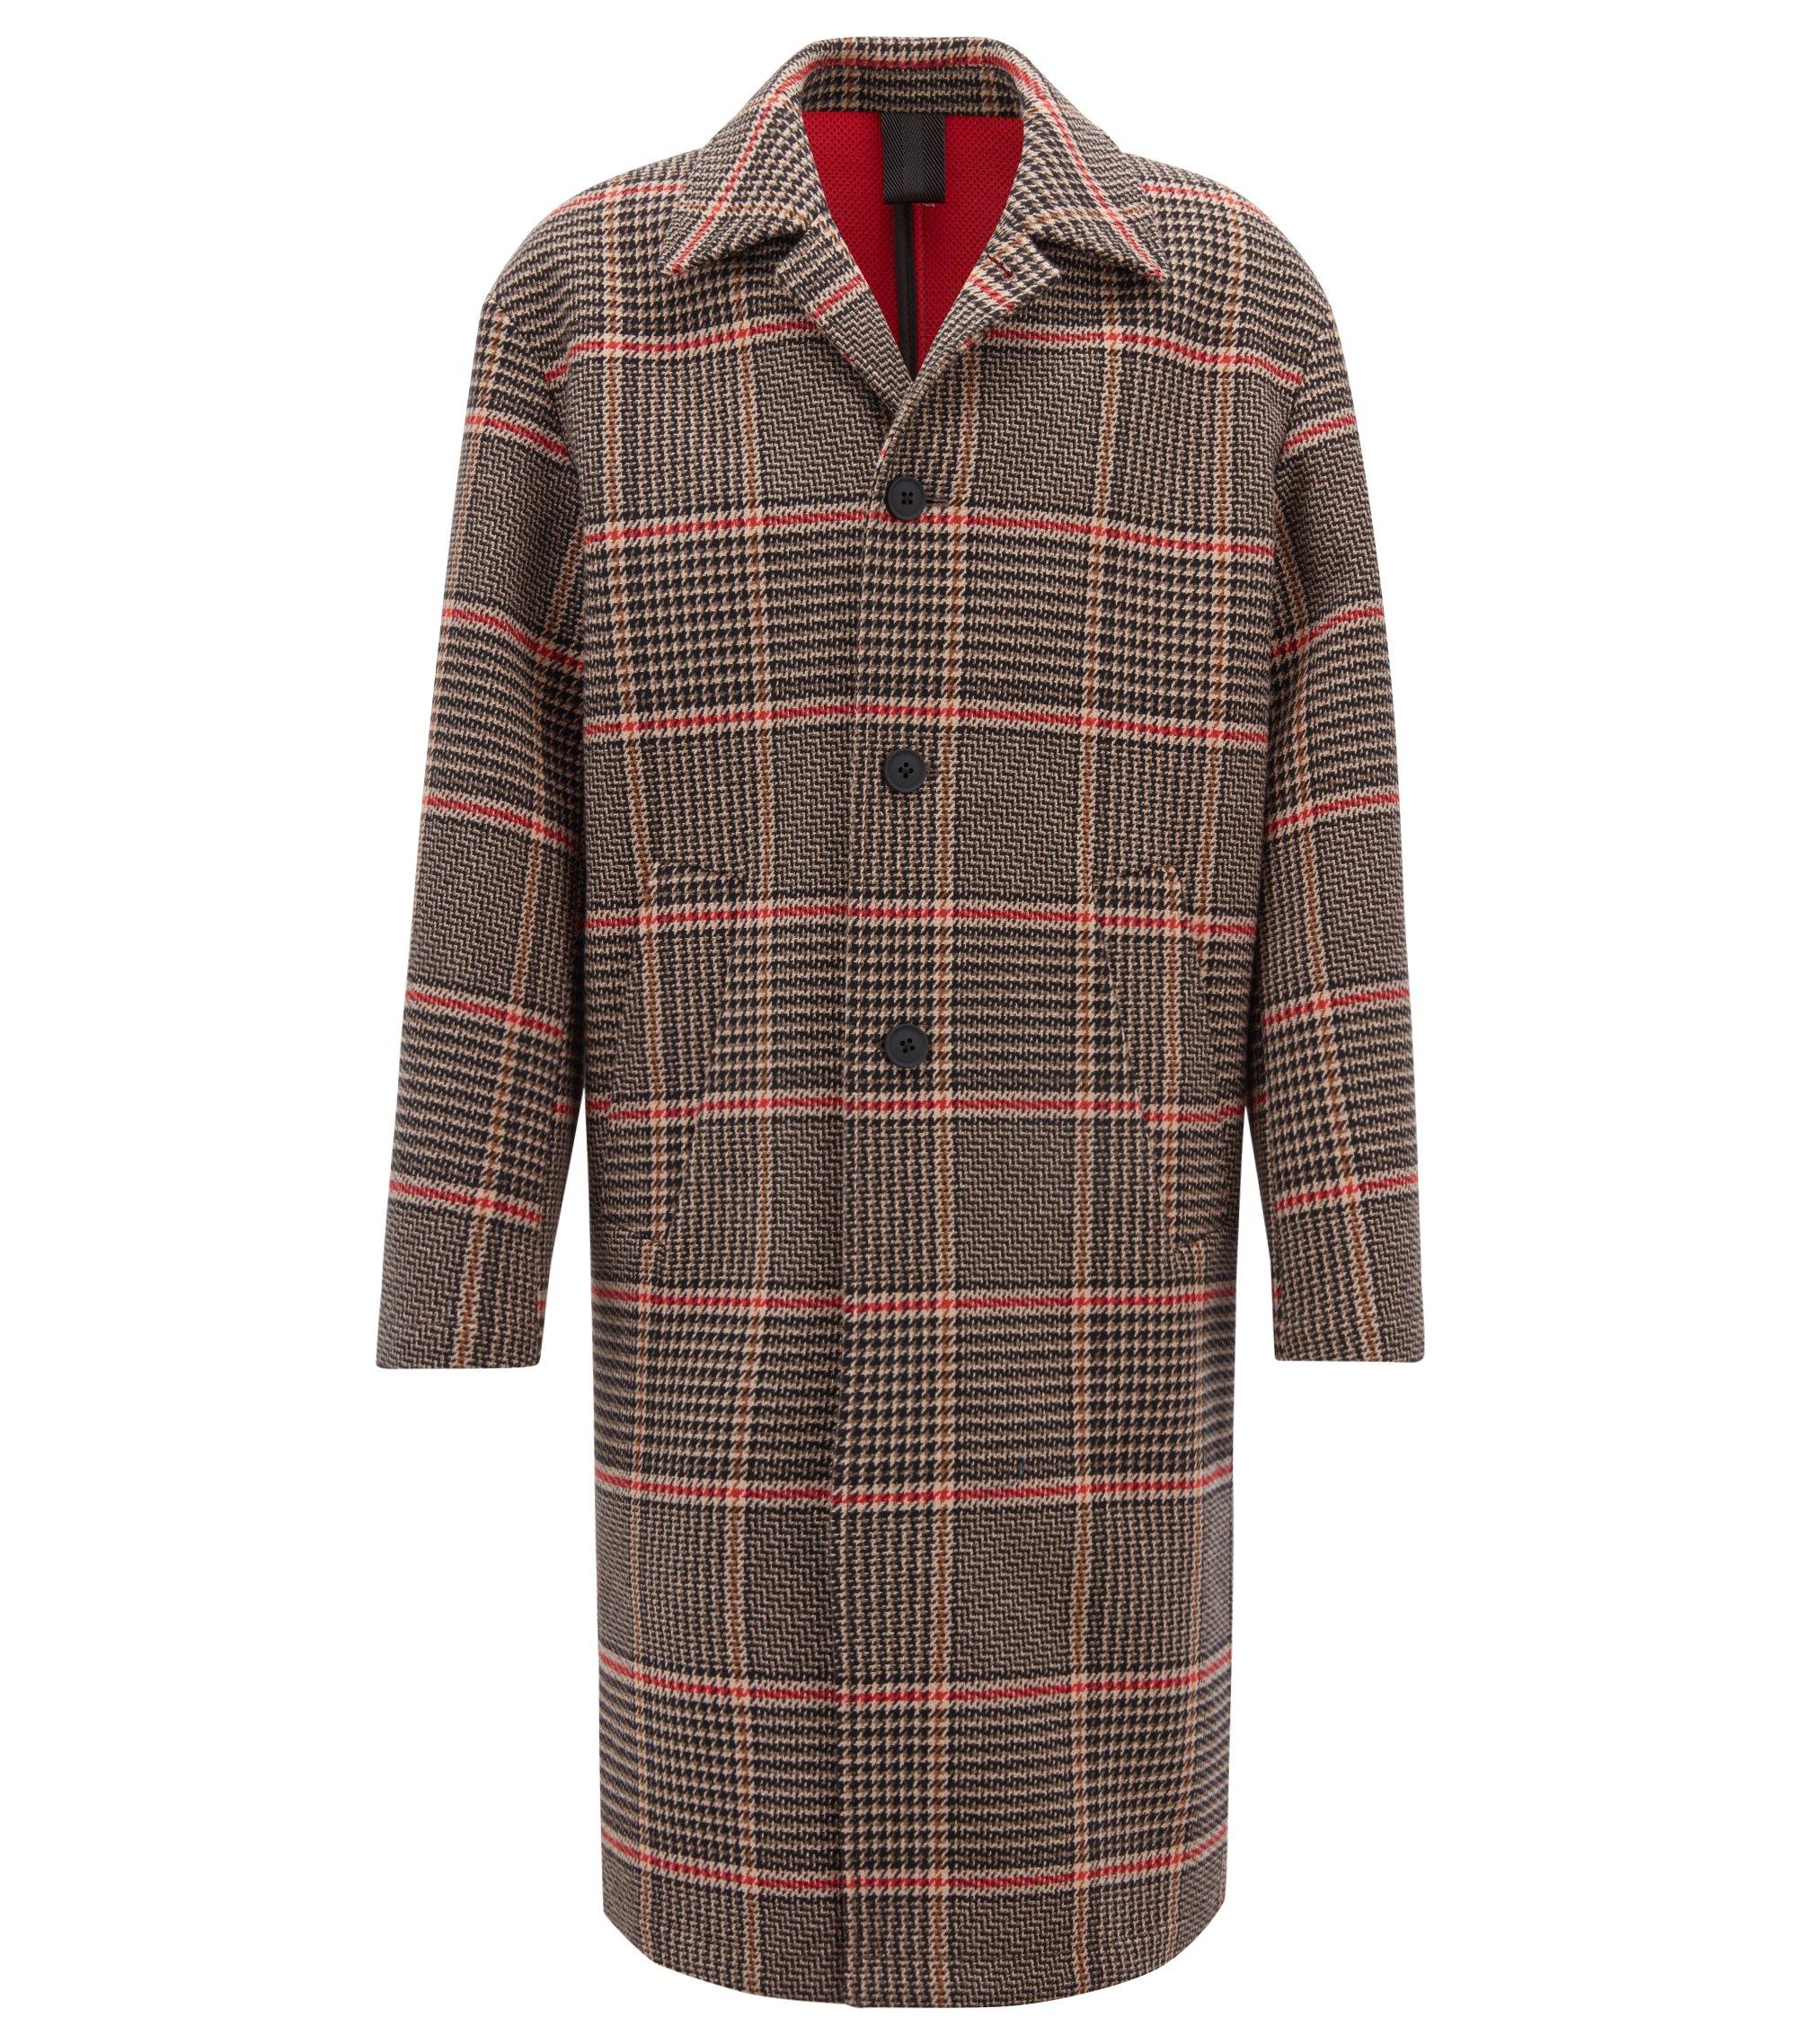 Manteau Oversized Fit en tissu italien contrecollé à motif prince-de-galles, Marron